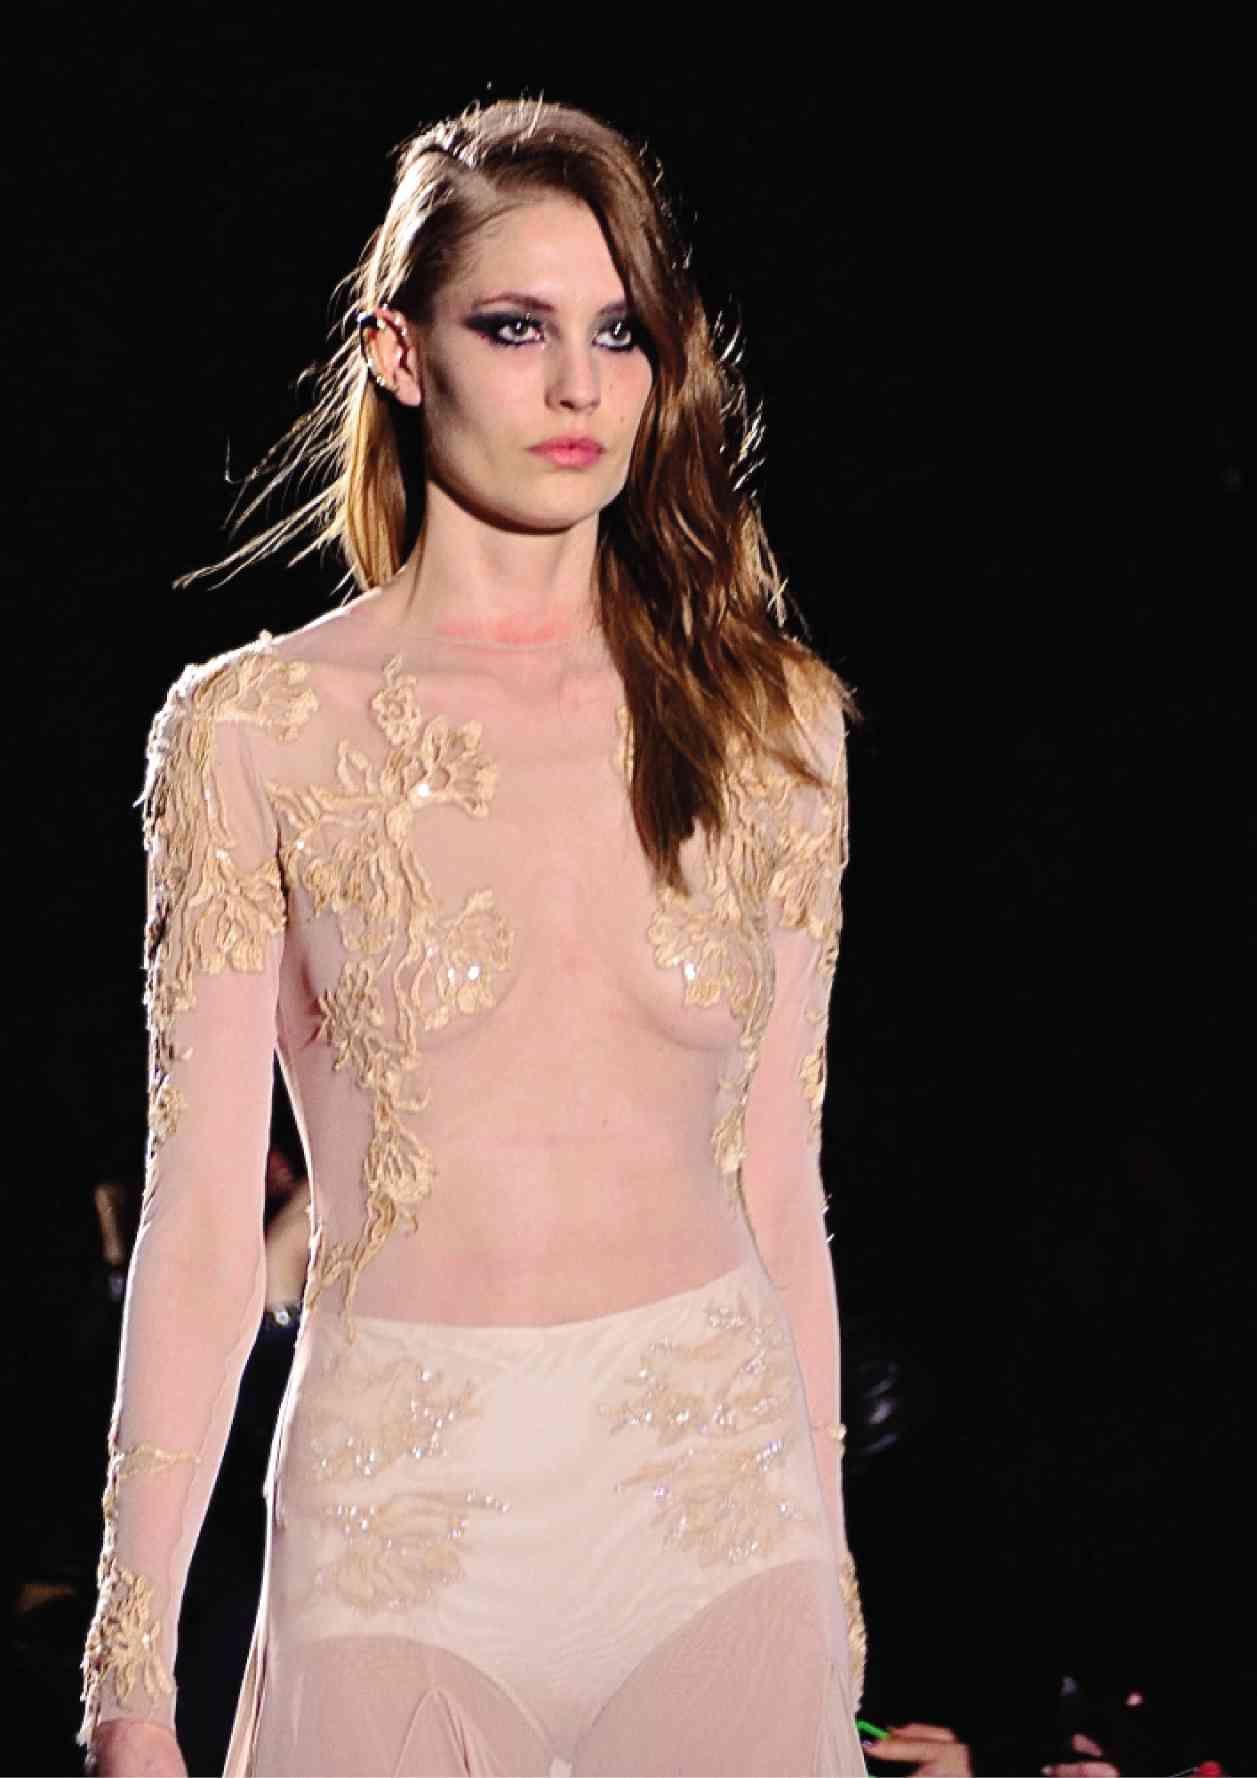 nude fashion Fashion